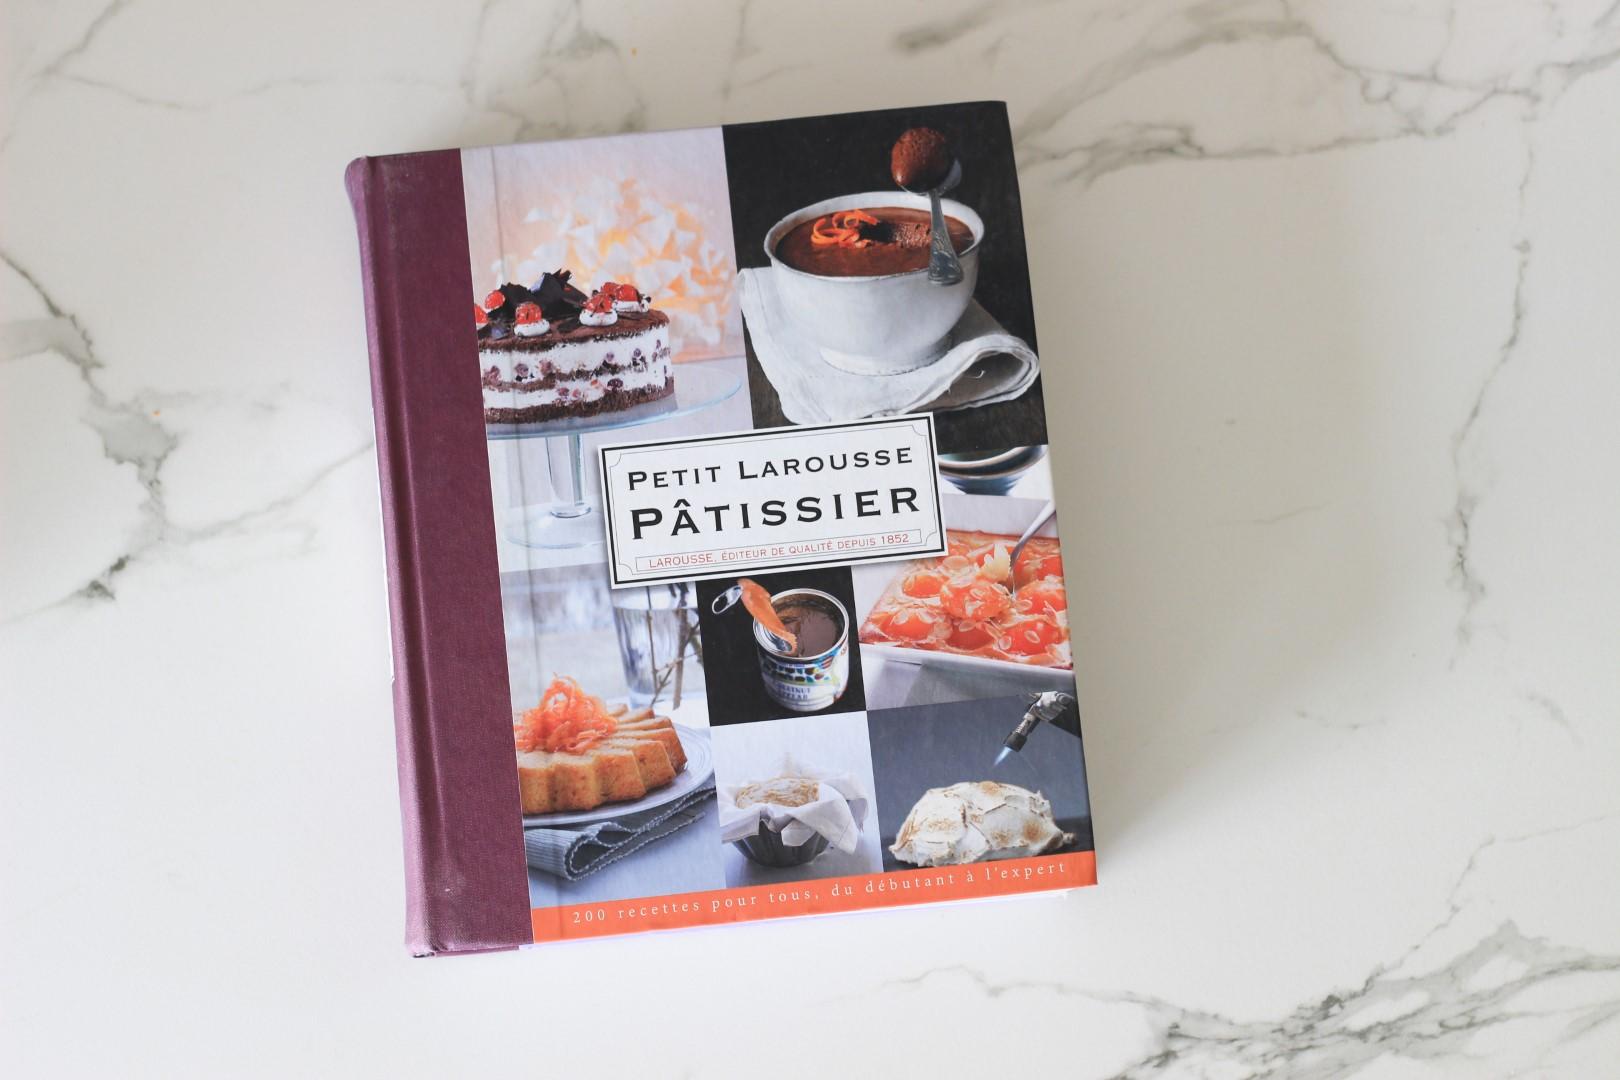 petit larousse patissier, libros de pastelería, libros de cocina, recetas de cocina, recomendación libros de cocina.